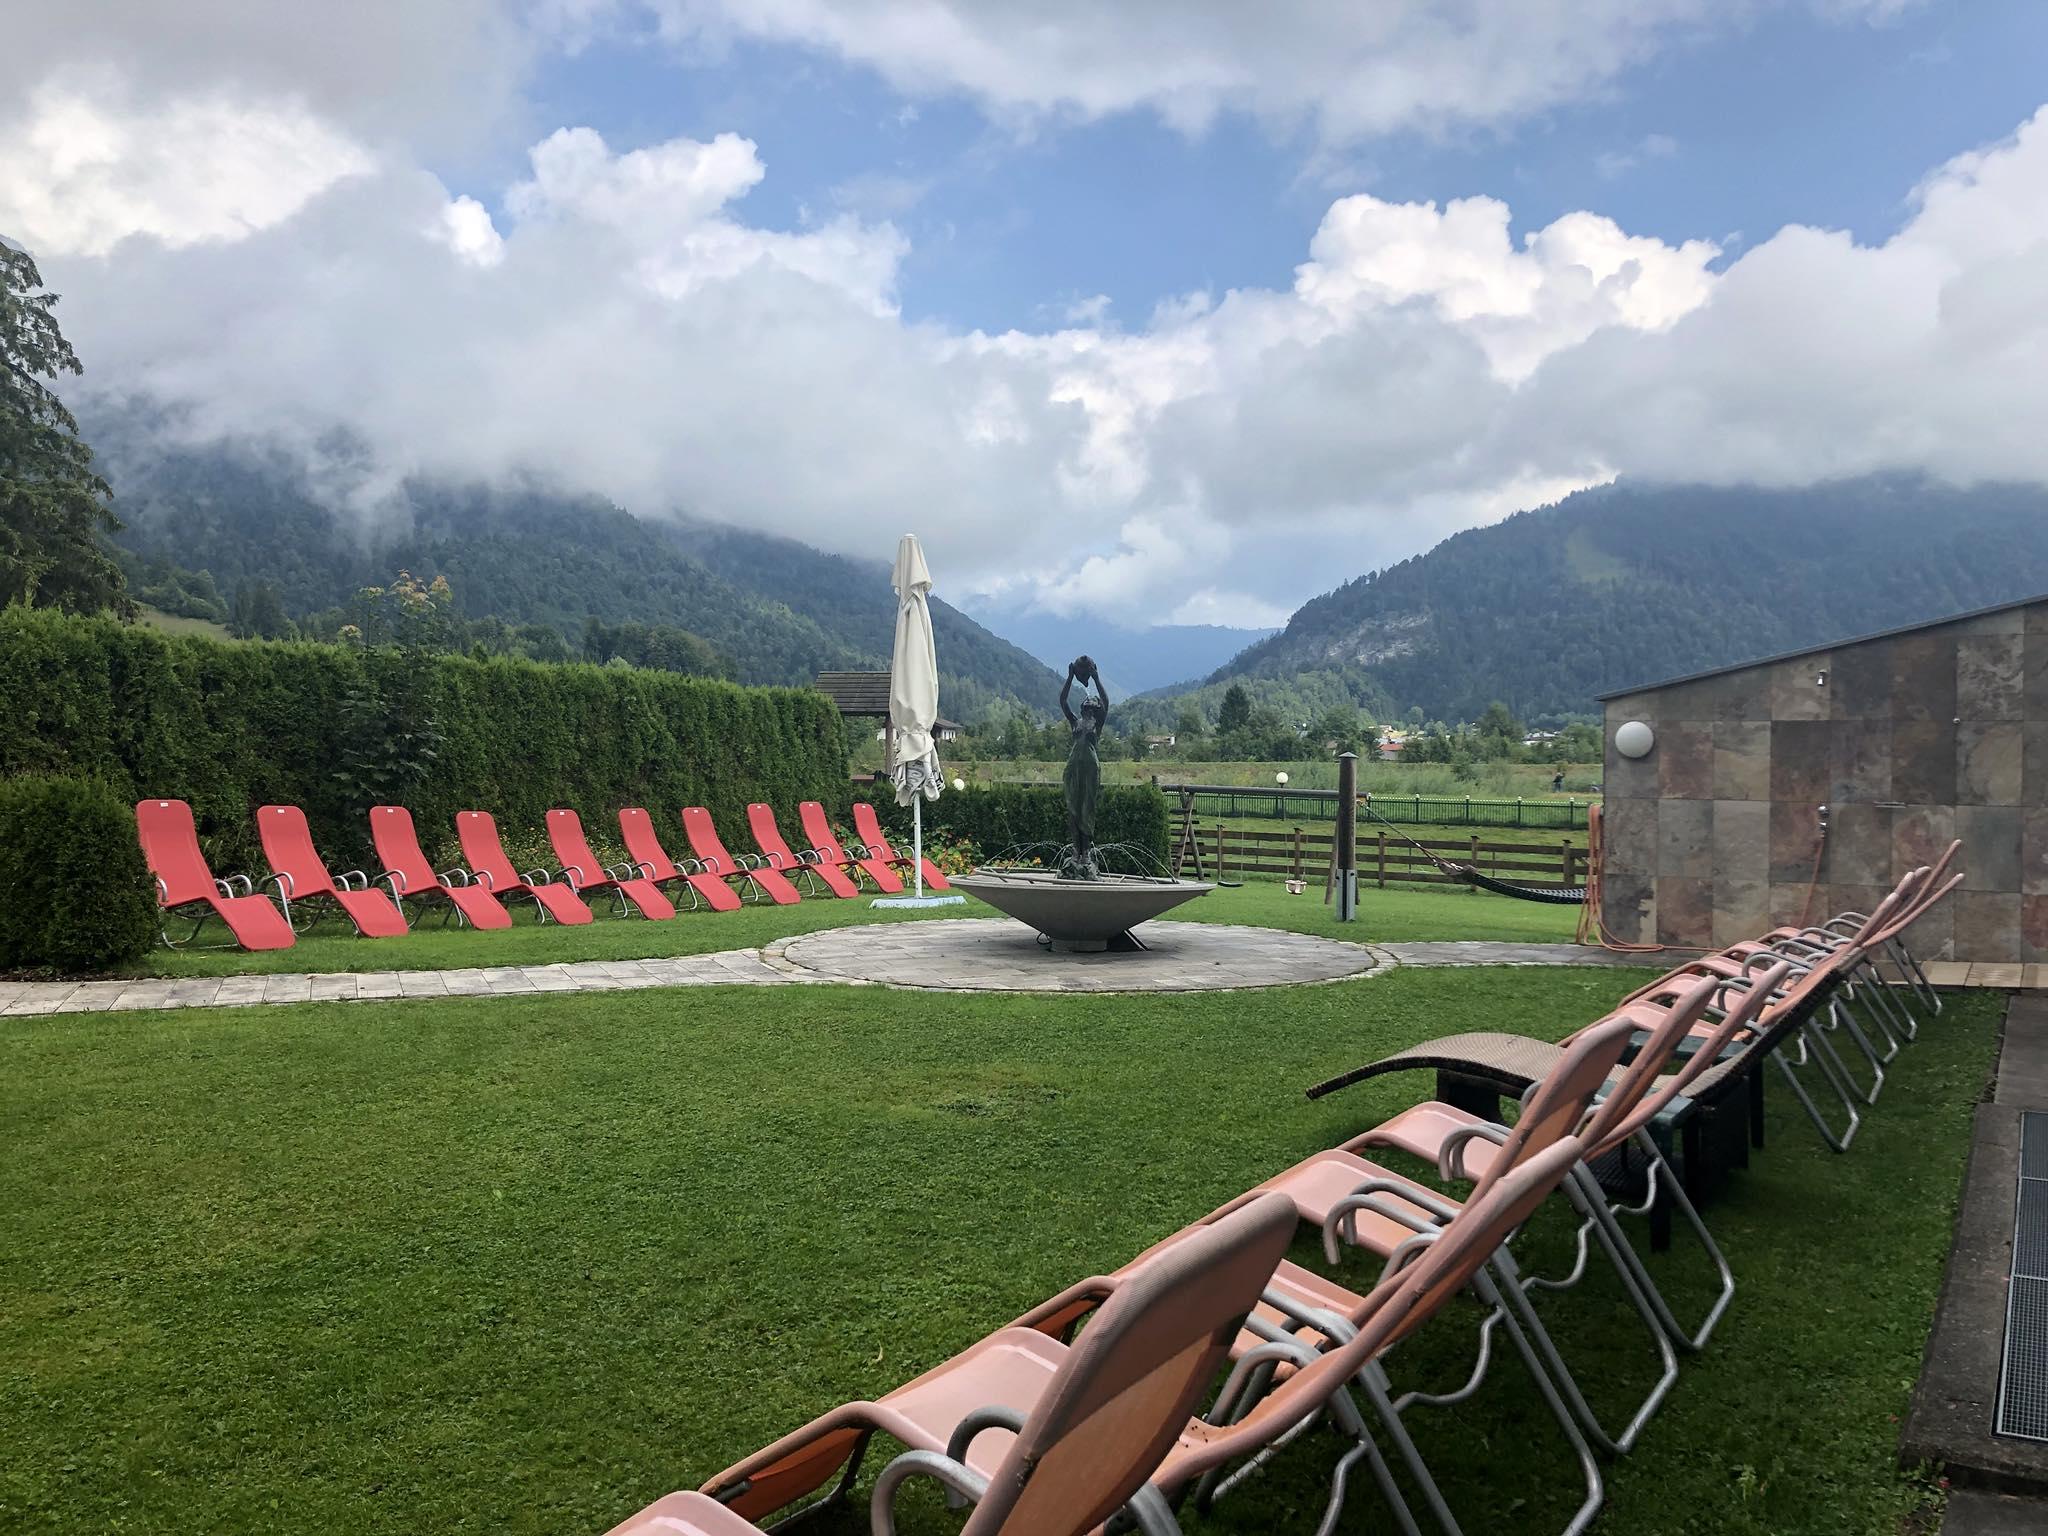 Liegewiese des Hotel Waidachhof mit Liegestühlen und Brunnen